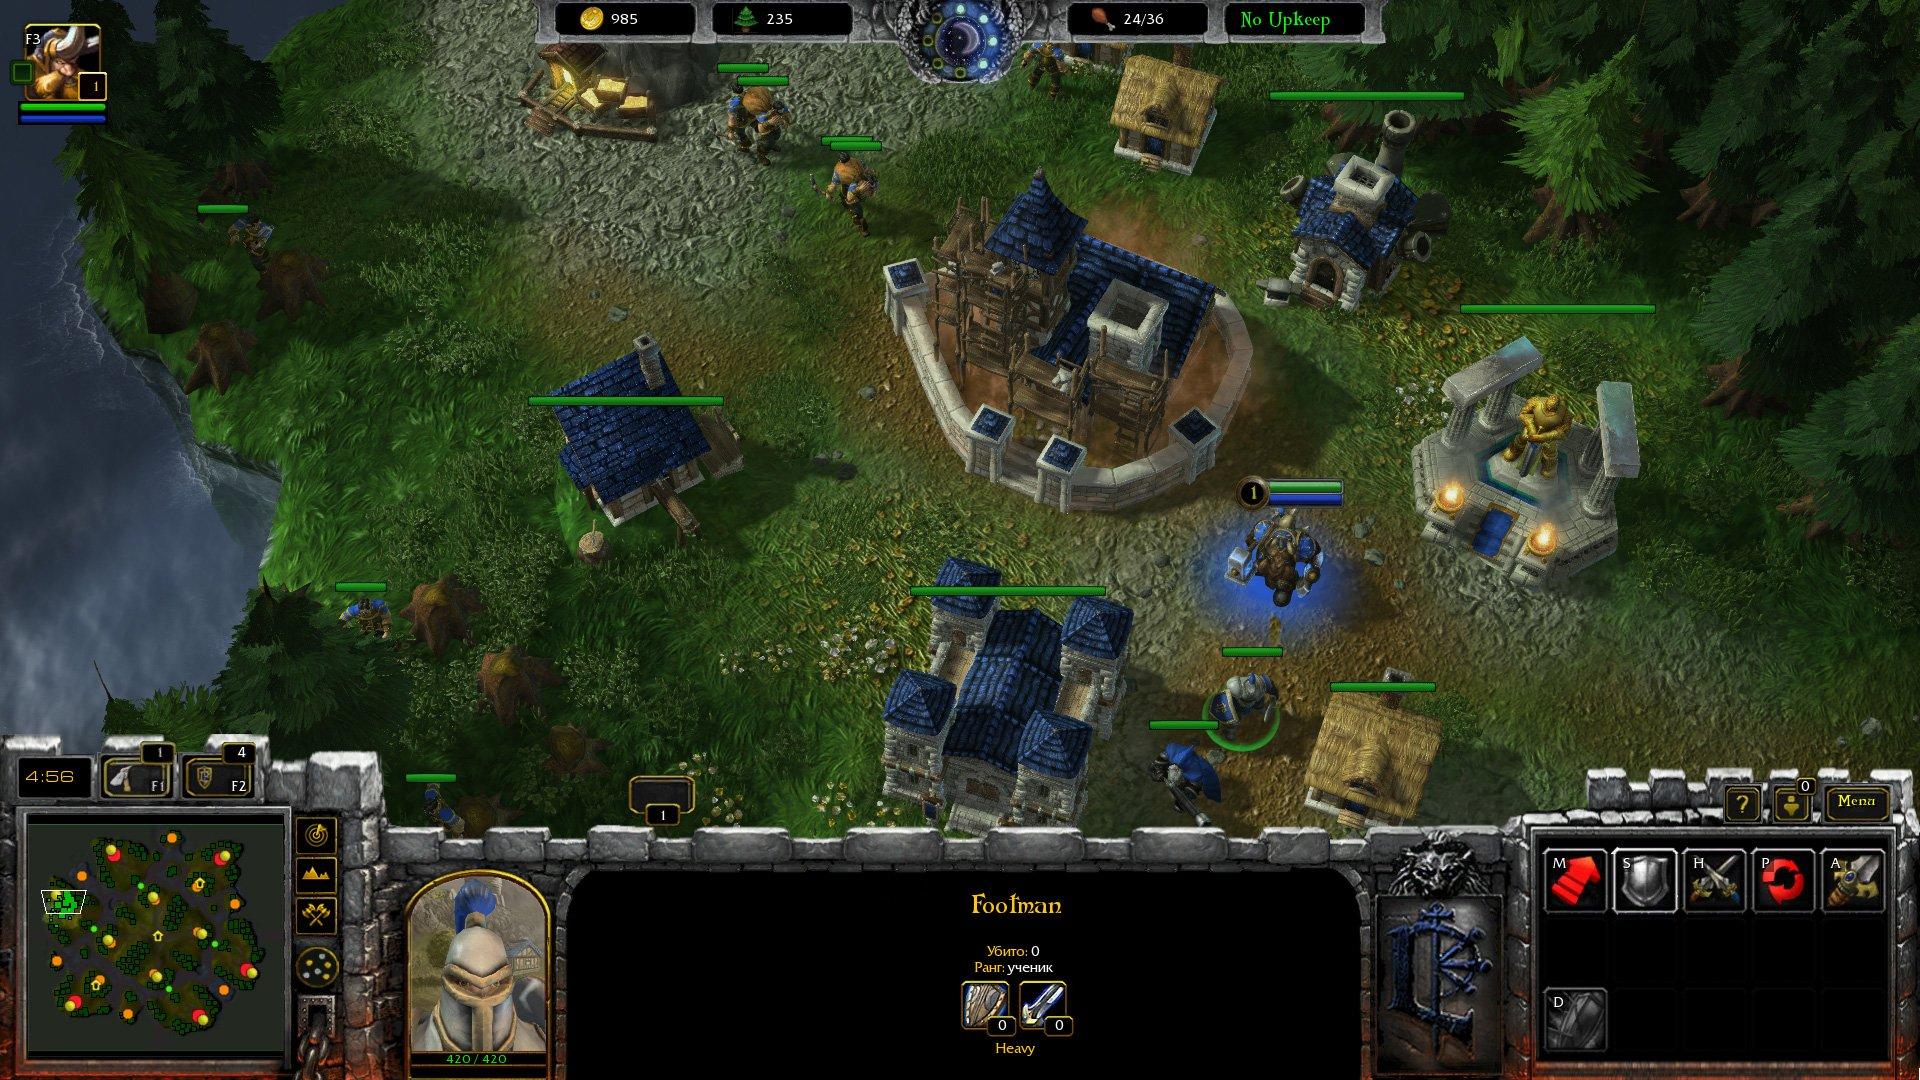 Warcraft Iii Fan Remake Blue Tweets Fan Art Mmo Champion